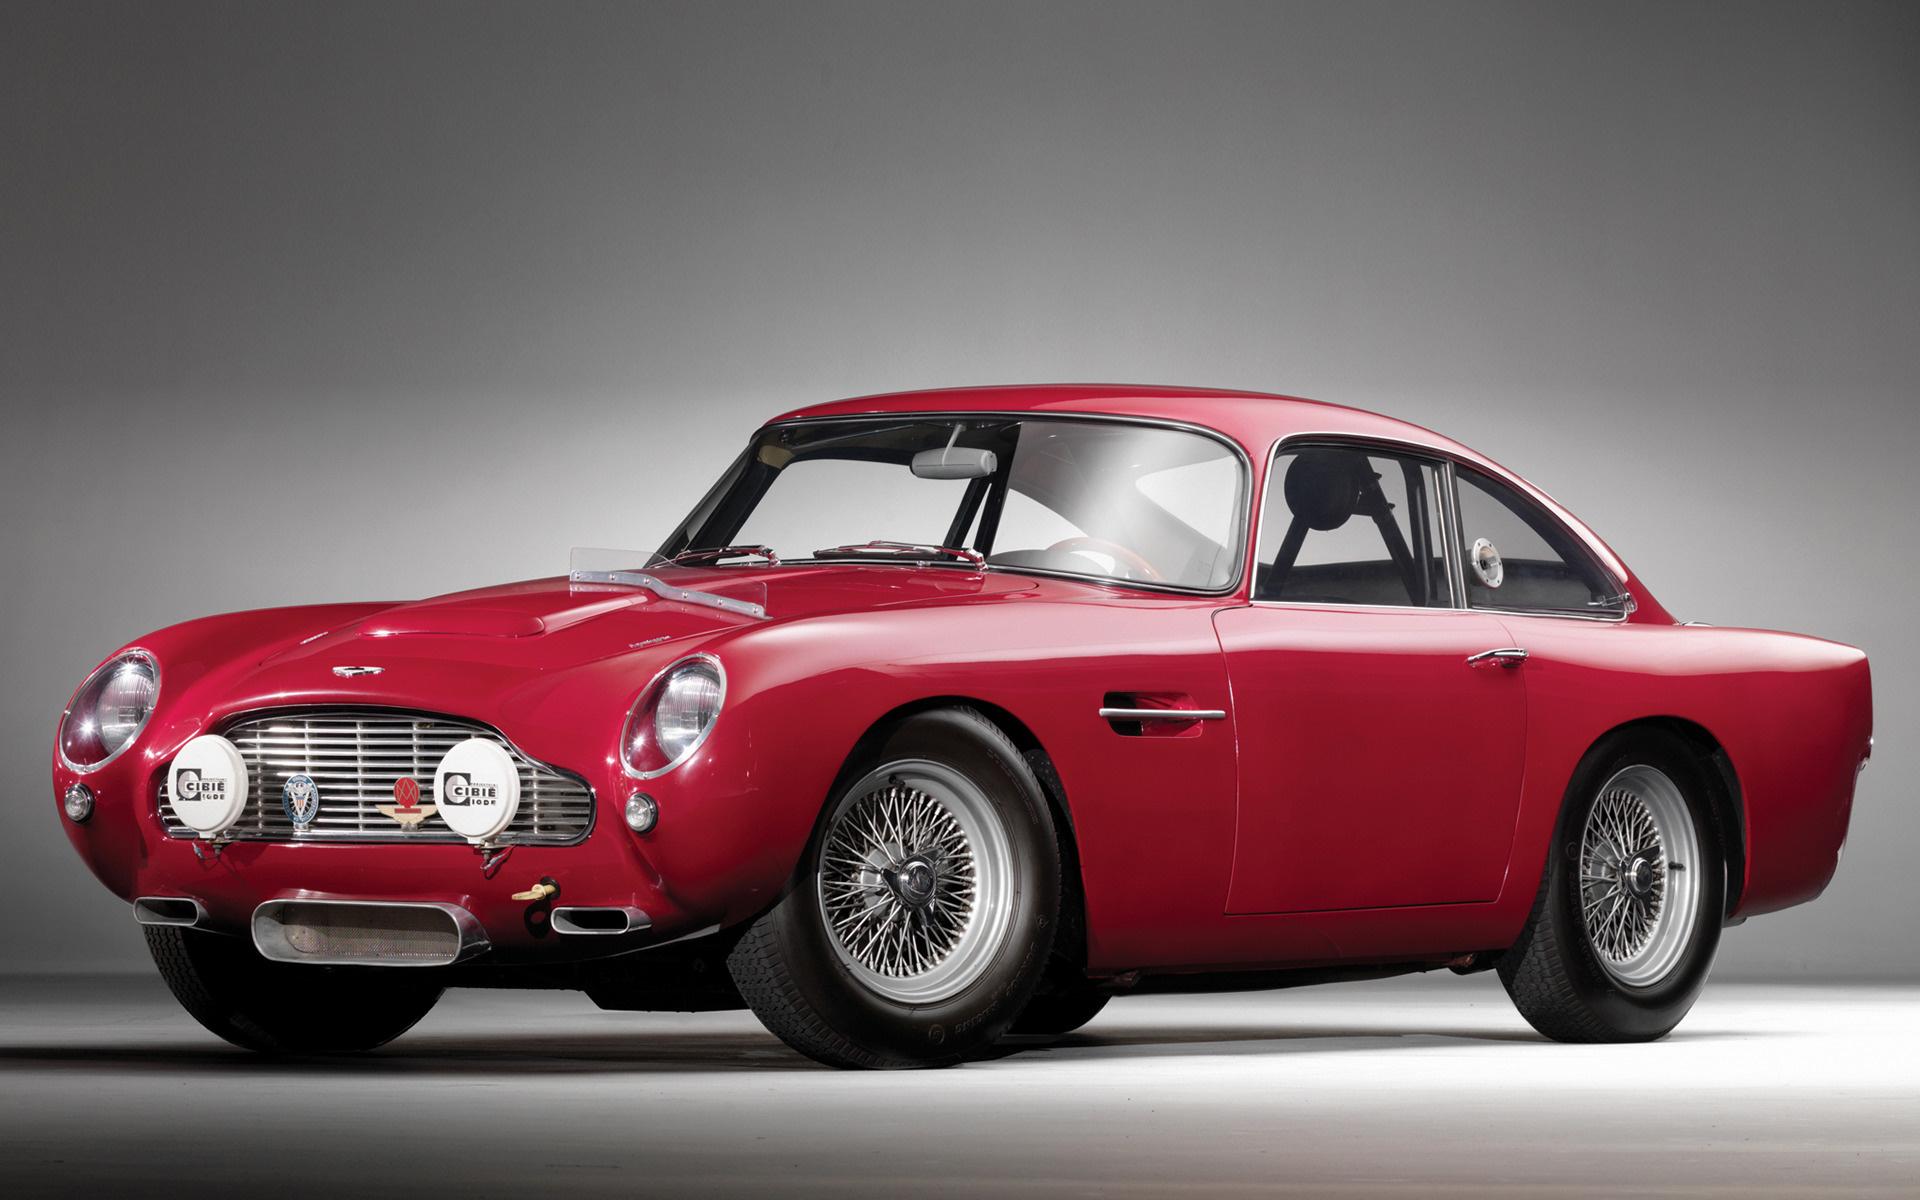 1963 Aston Martin Db4 Gt Lightweight Hintergrundbilder Und Wallpaper In Hd Car Pixel